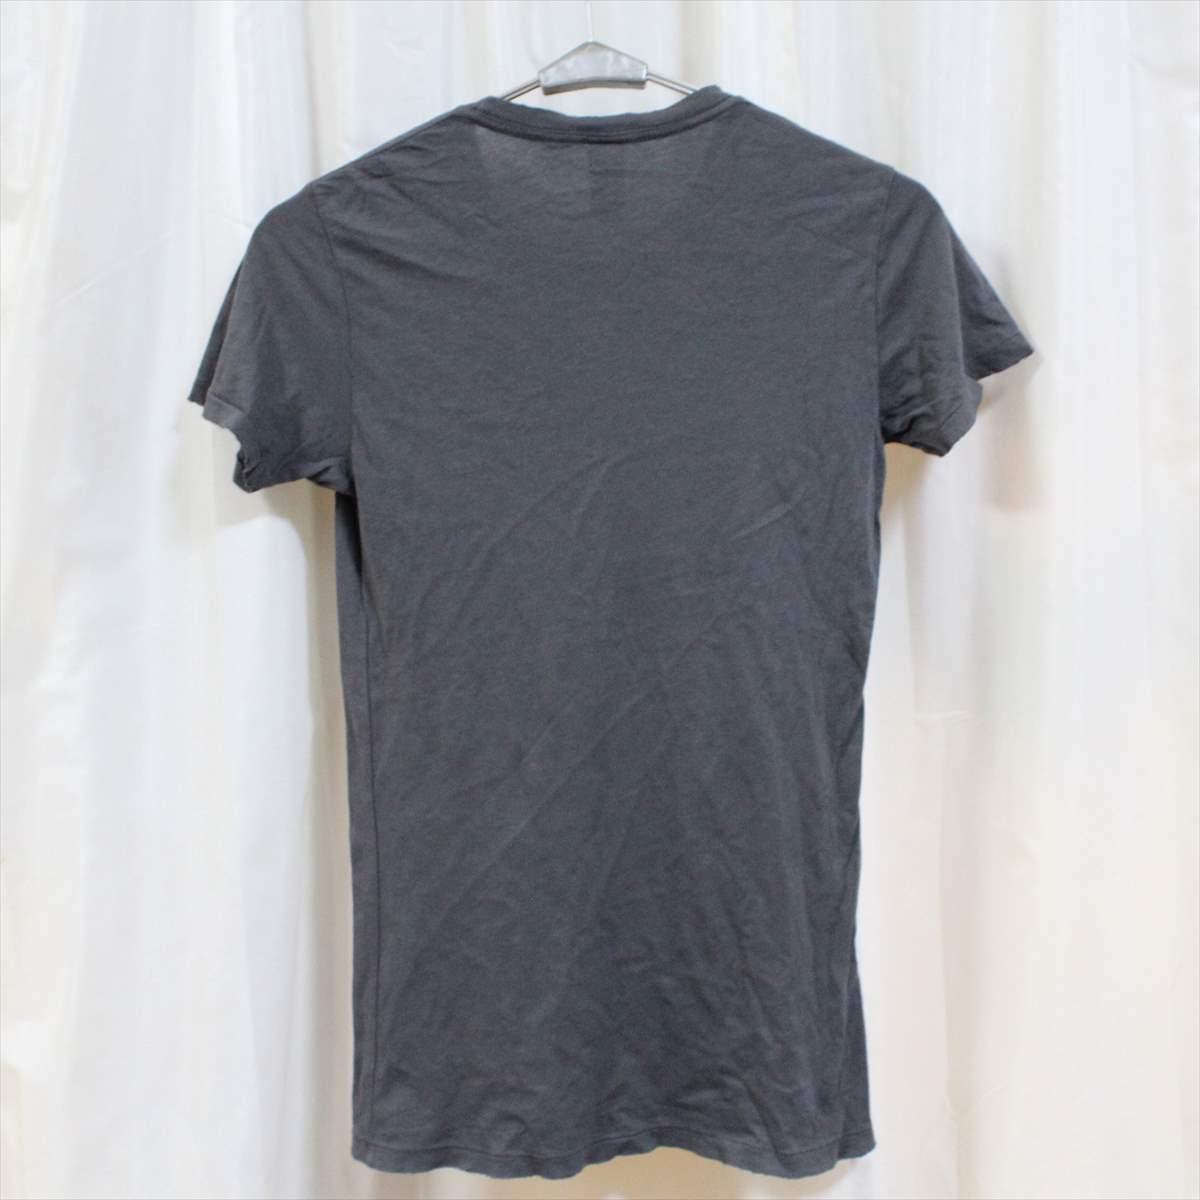 オルタナティブ アパレル alternative apparel レディース半袖Tシャツ チャコール Mサイズ 新品 vintage soft アメリカ製_画像3